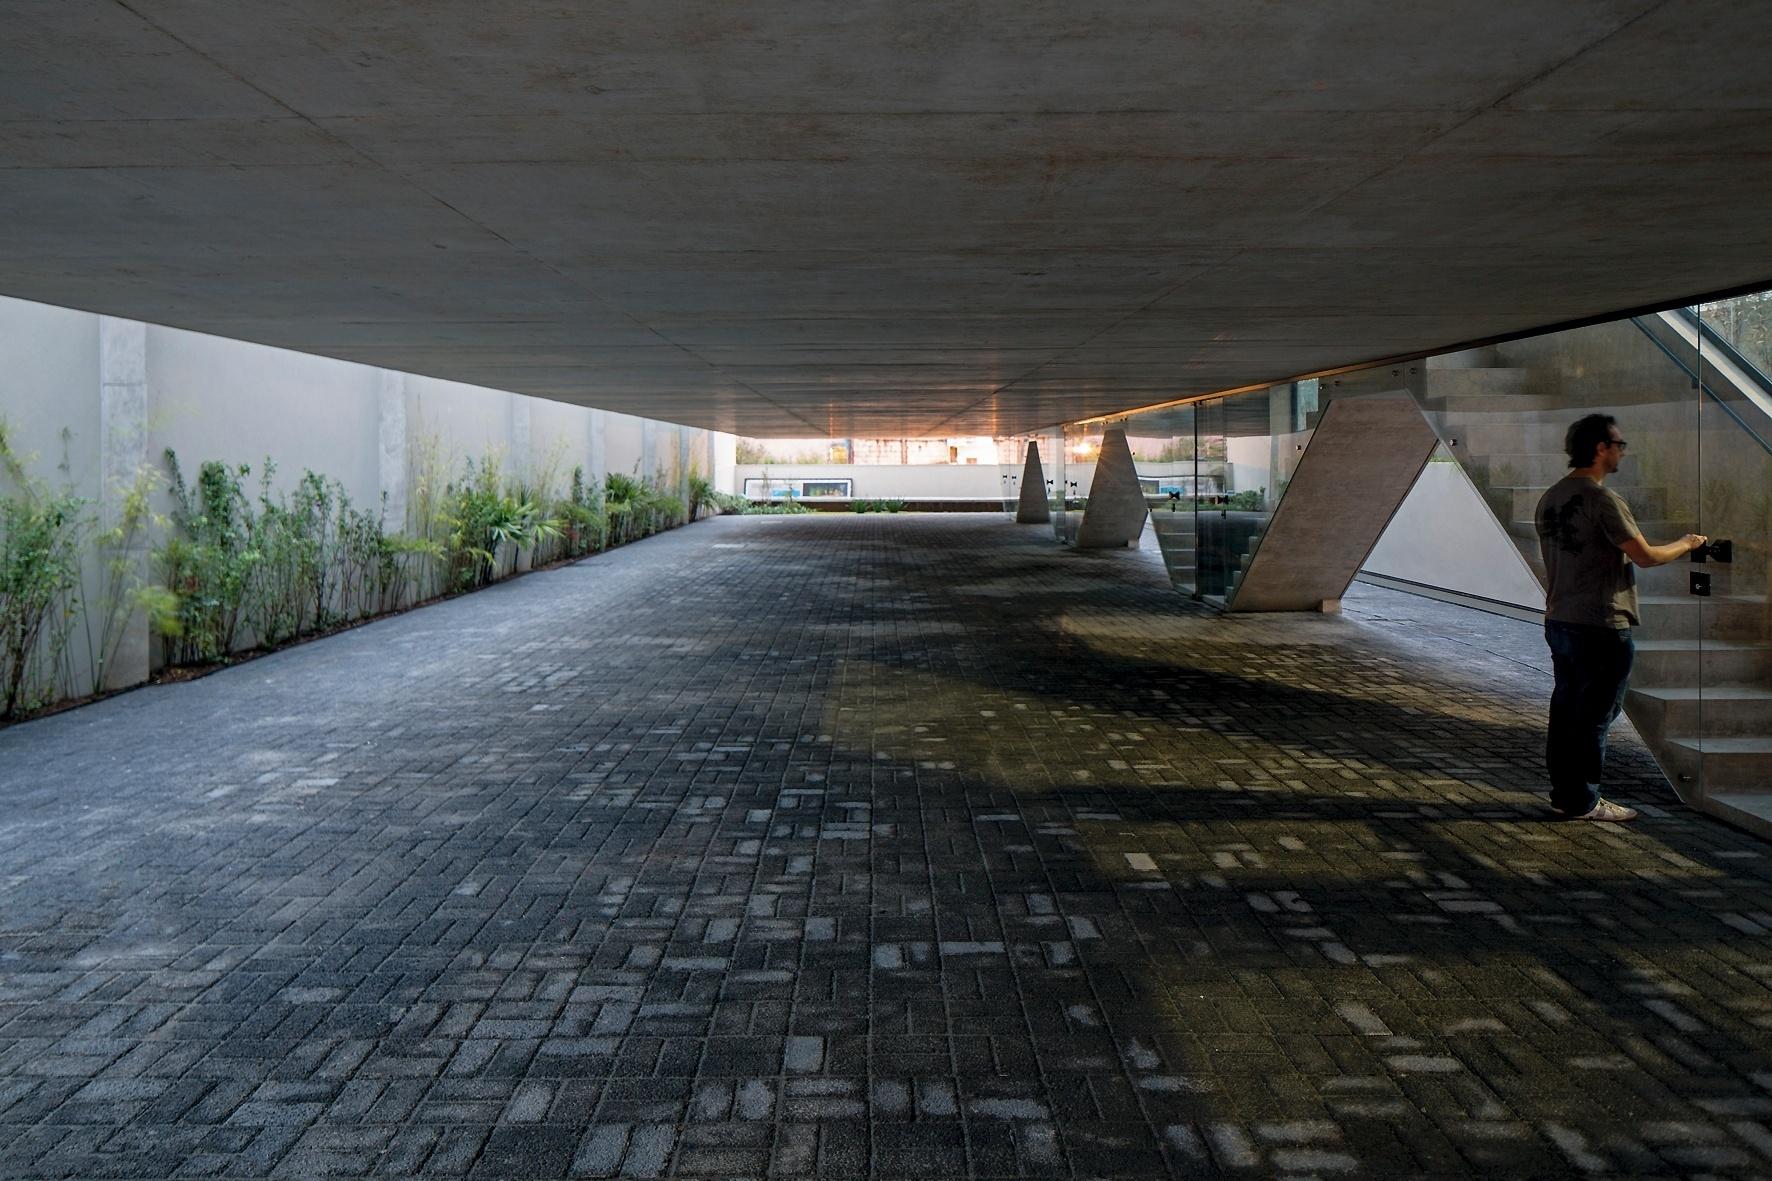 O estacionamento do Vila Aspicuelta, projetado pelo escritório Tacoa Arquitetos, se apresenta como a rua de uma vila, com piso formado por blocos drenantes de concreto. Cada uma das oito casas/ apês possui entrada independente